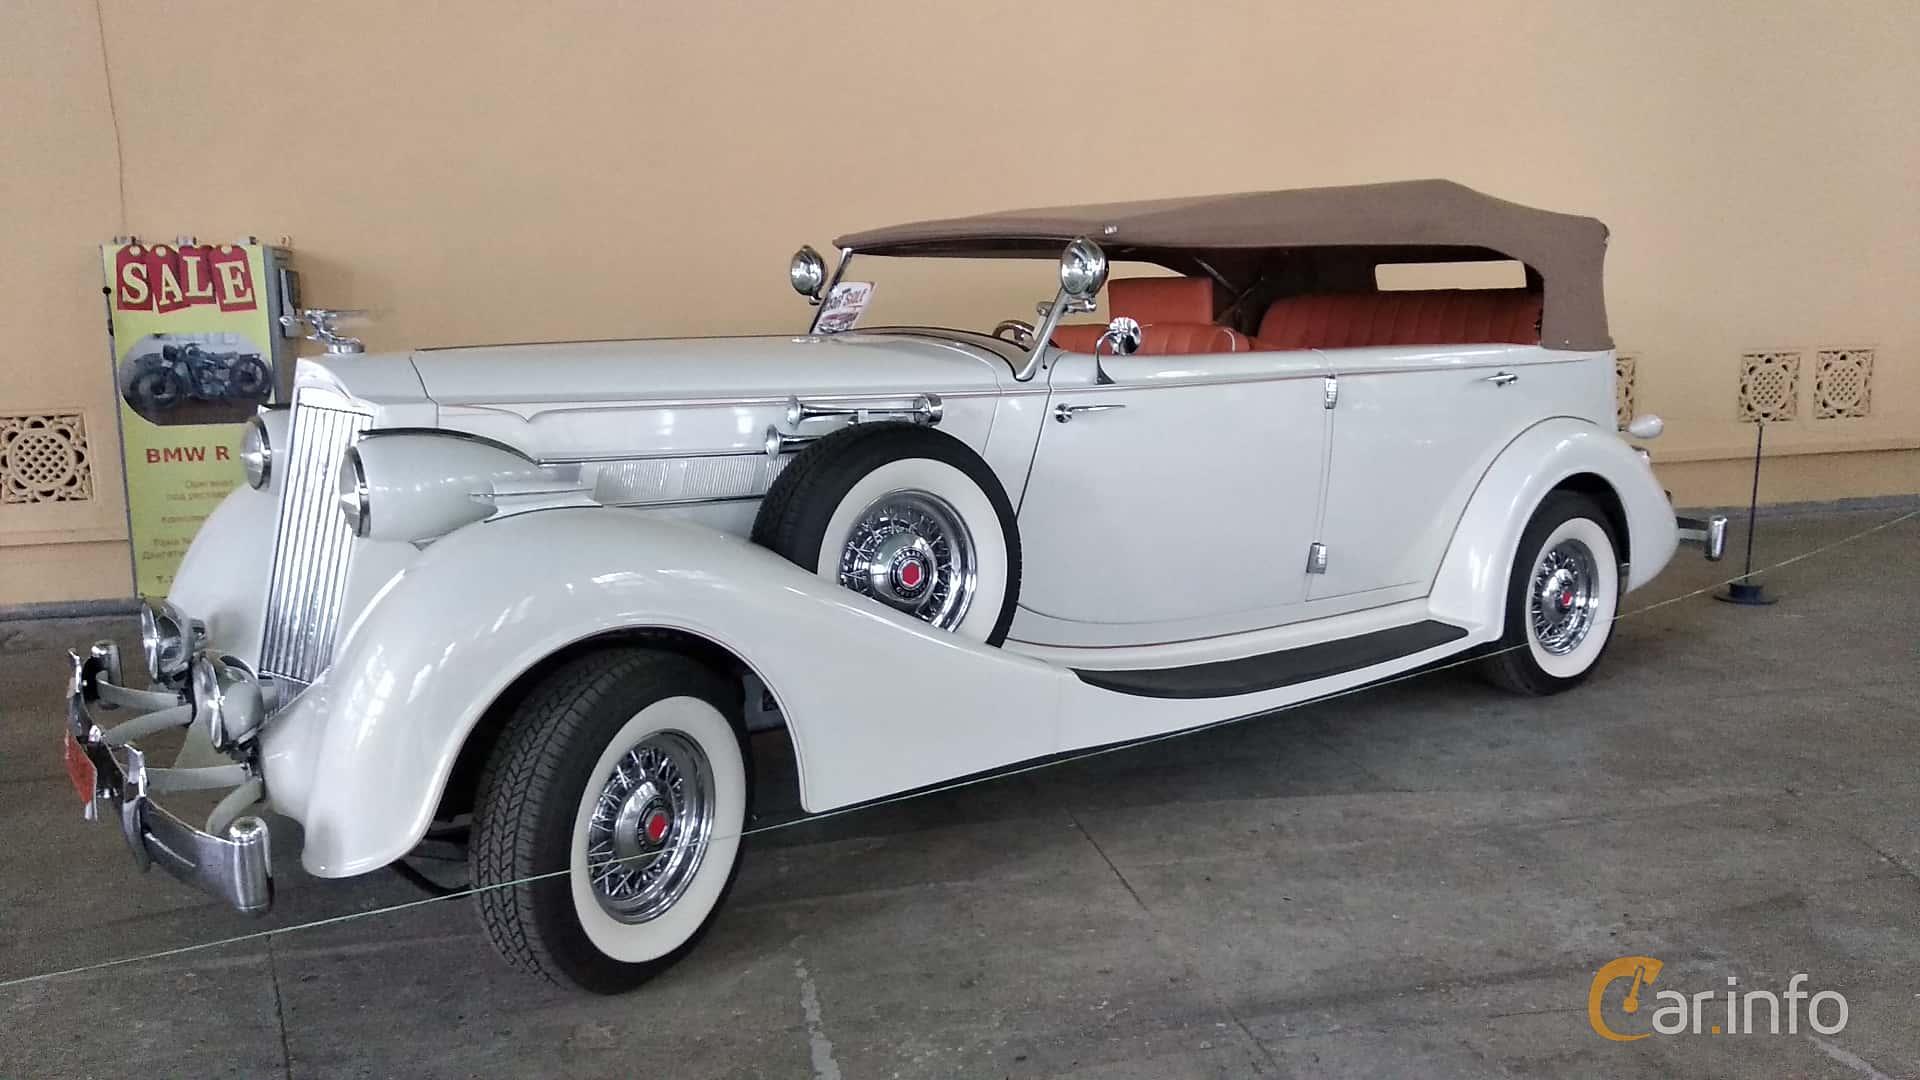 Packard Twelve 1508 Convertible Sedan 7.8 V12 Manual, 177hp, 1937 at Old Car Land no.2 2018